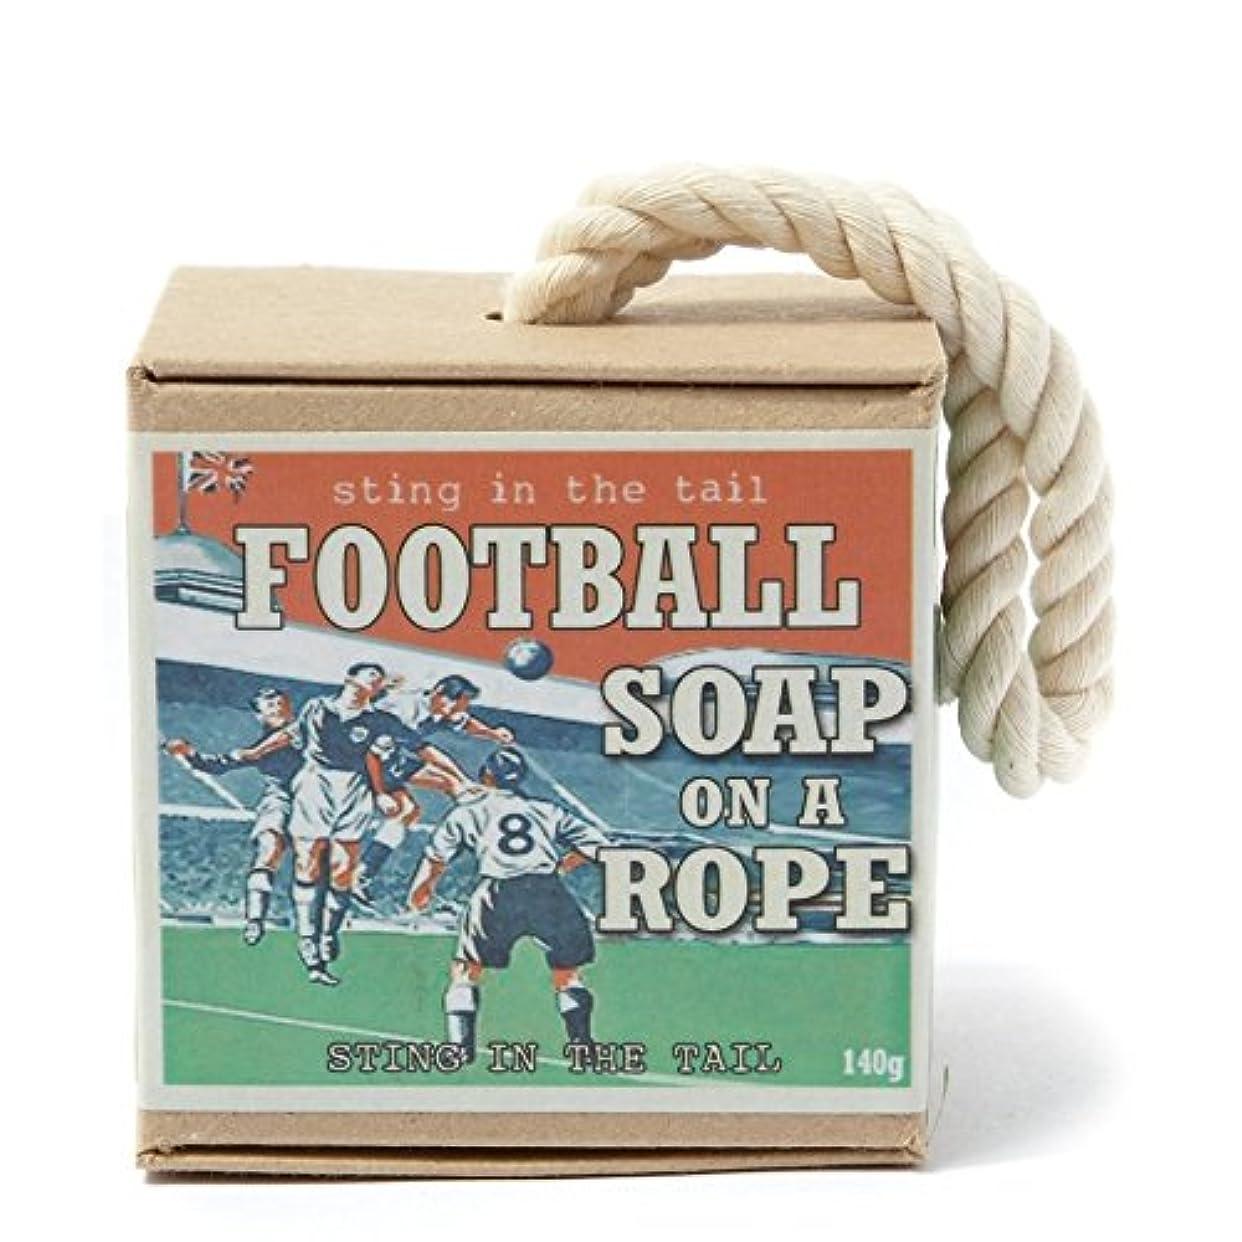 石鹸トーク引っ張るロープ石鹸のテールサッカーで刺します x4 - Sting In The Tail Football on a Rope Soap (Pack of 4) [並行輸入品]